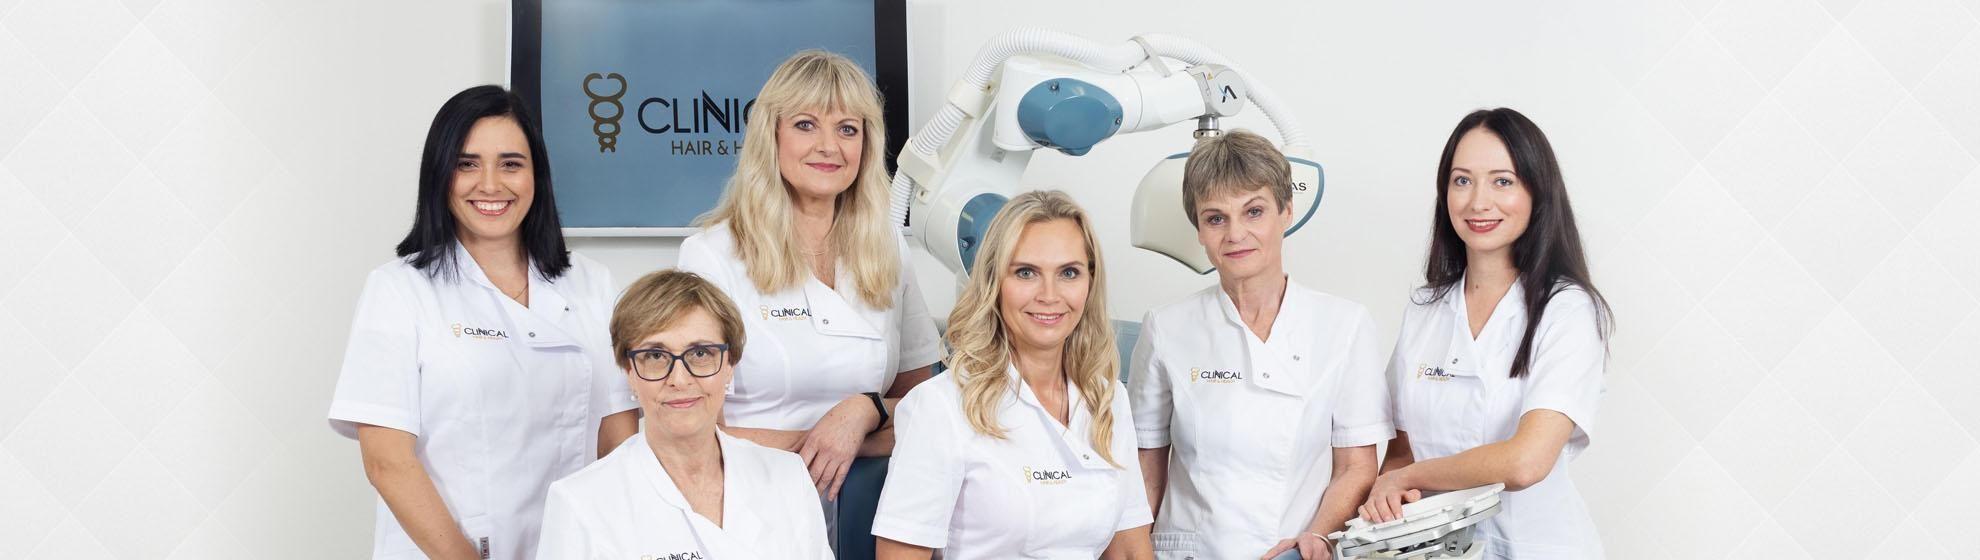 CLINICAL HAIR&HEALTH Vlasové centrum a klinika zdraví